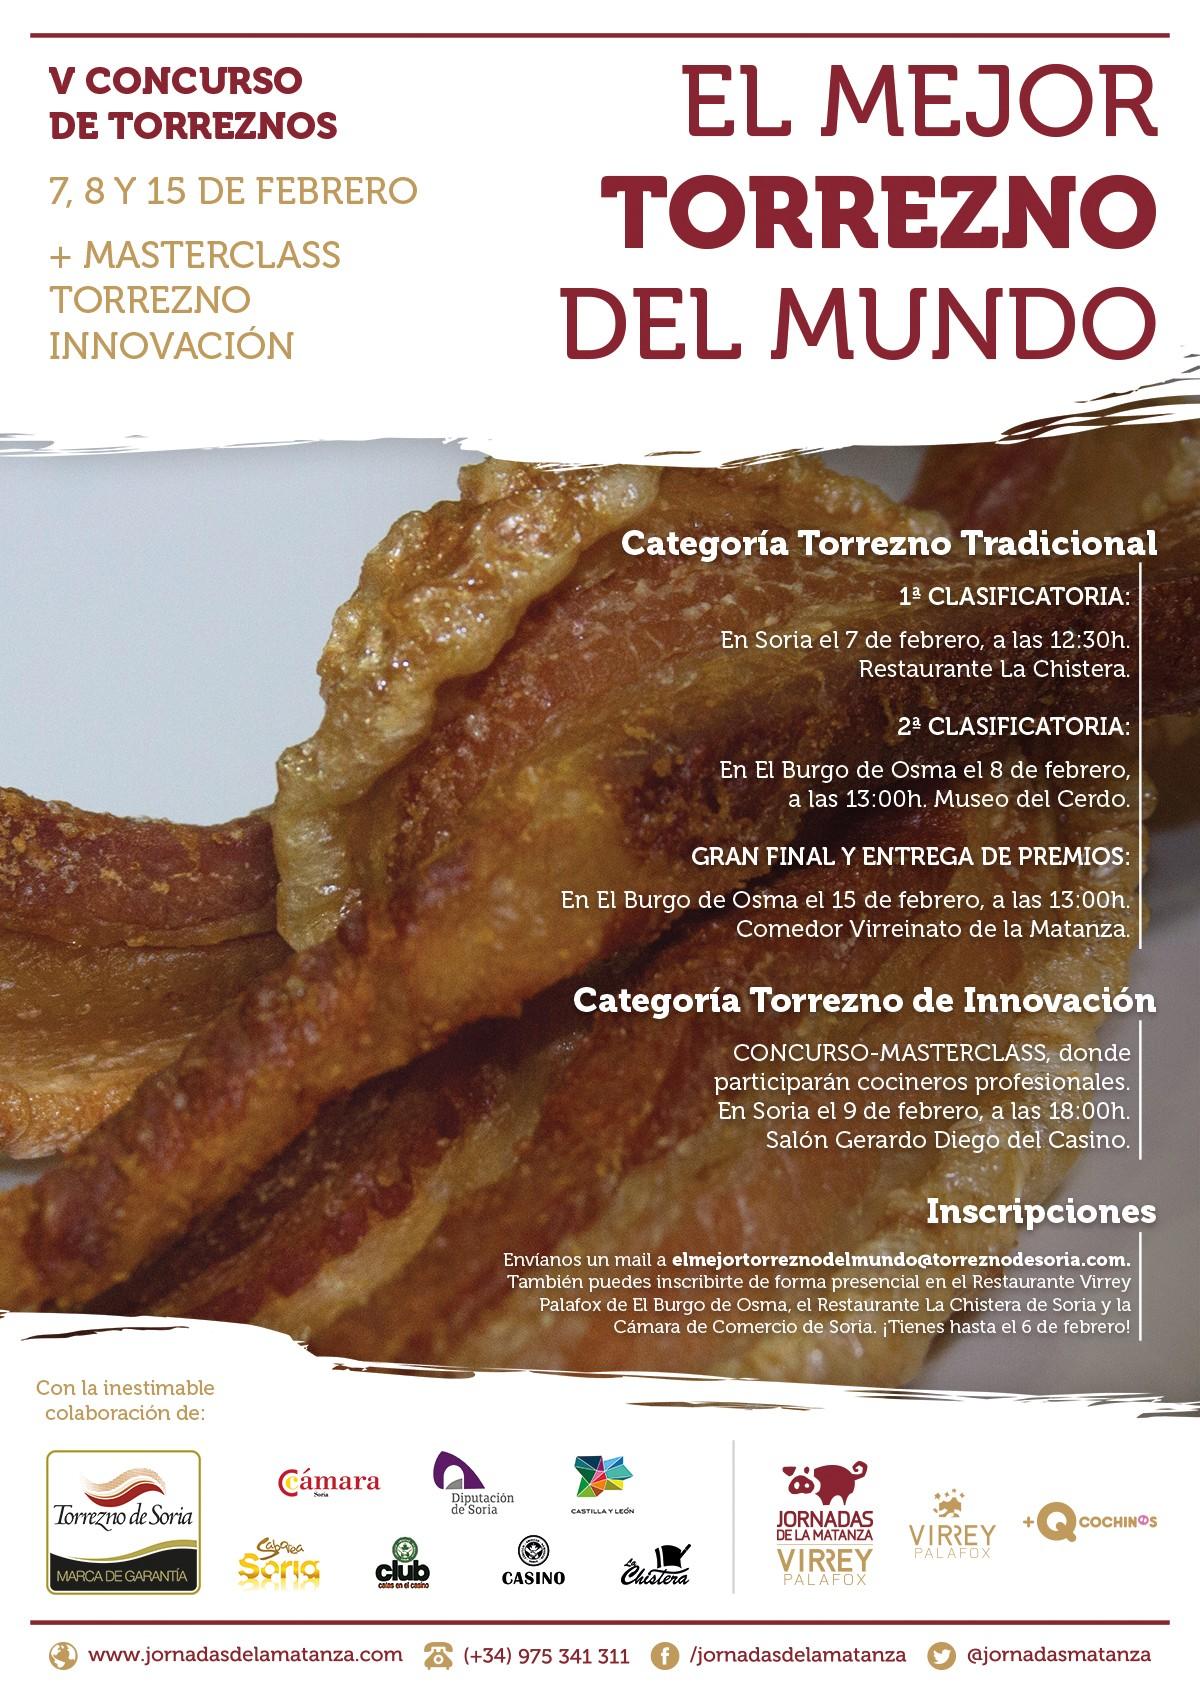 Cartel V Concurso de Torreznos de Soria